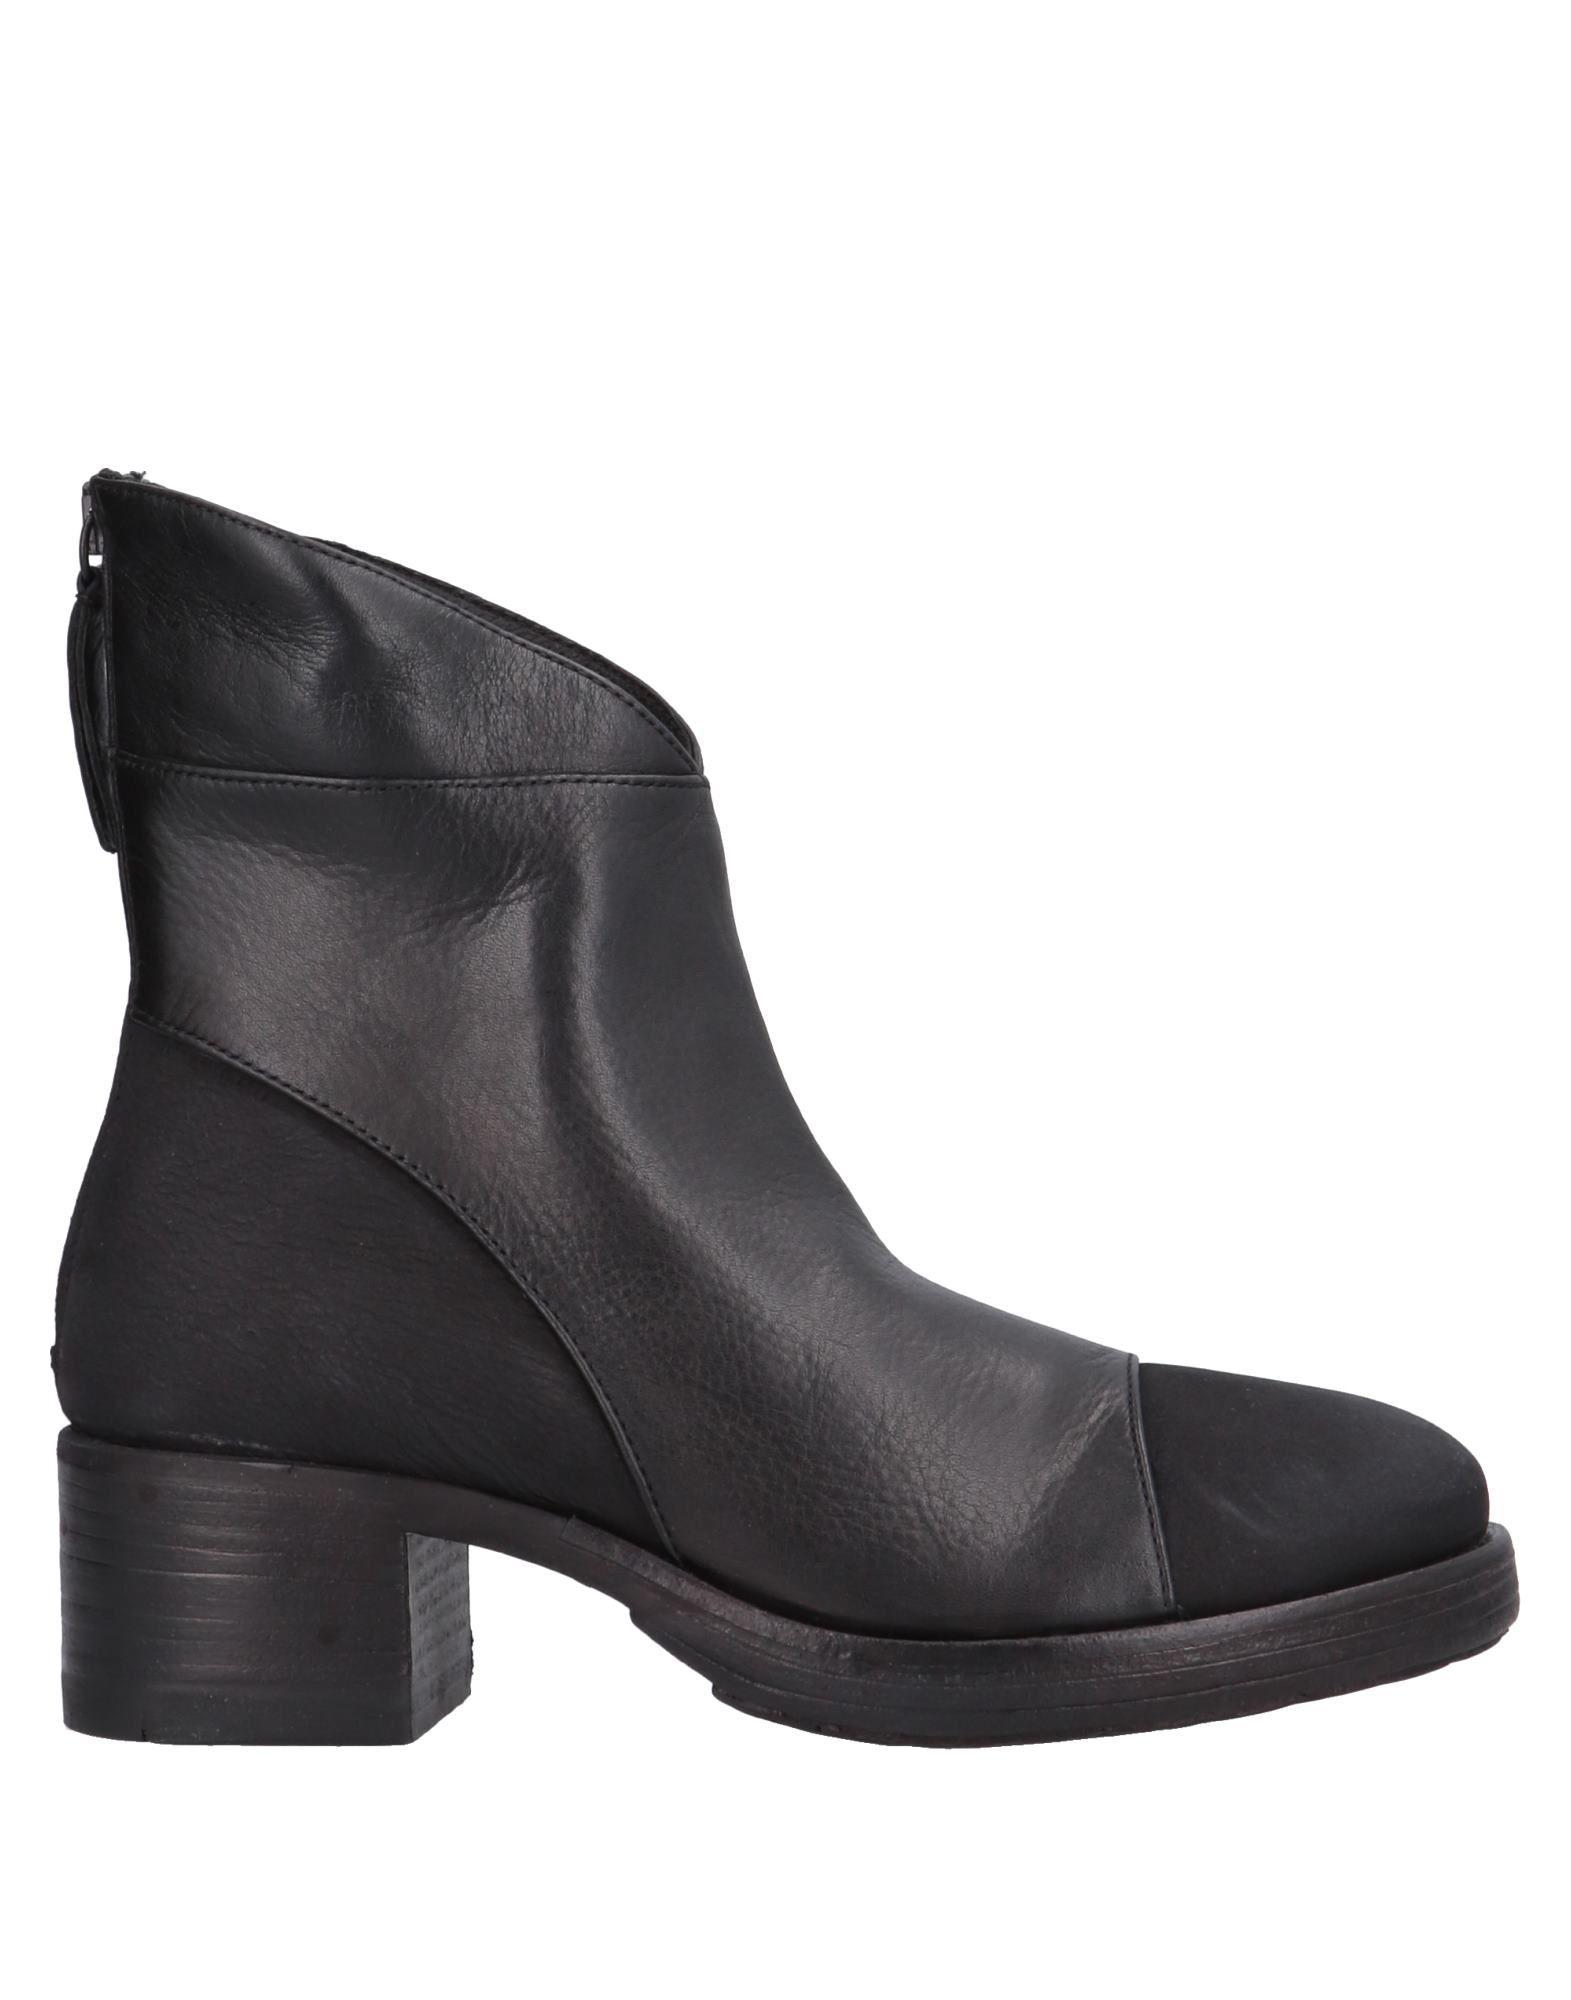 Juli Pascal Ankle Paris Ankle Pascal Boot - Women Juli Pascal Paris Ankle Boots online on  Canada - 11547825XC 2652d7